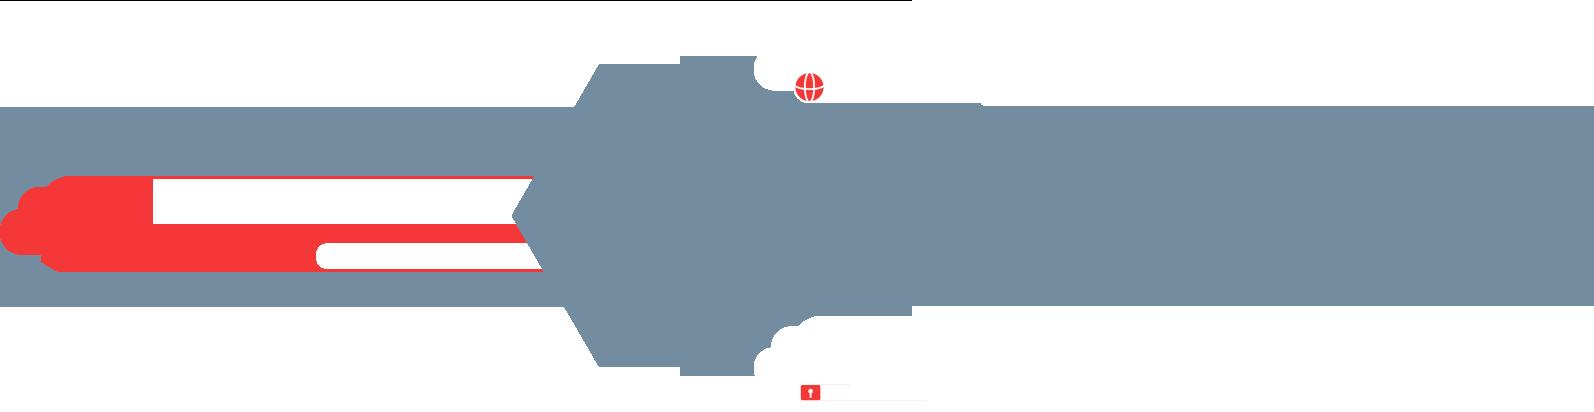 Sie können selbst entscheiden, ob Sie in der public oder private Cloud Ihren Weg in die digitale Transformation ebnen.